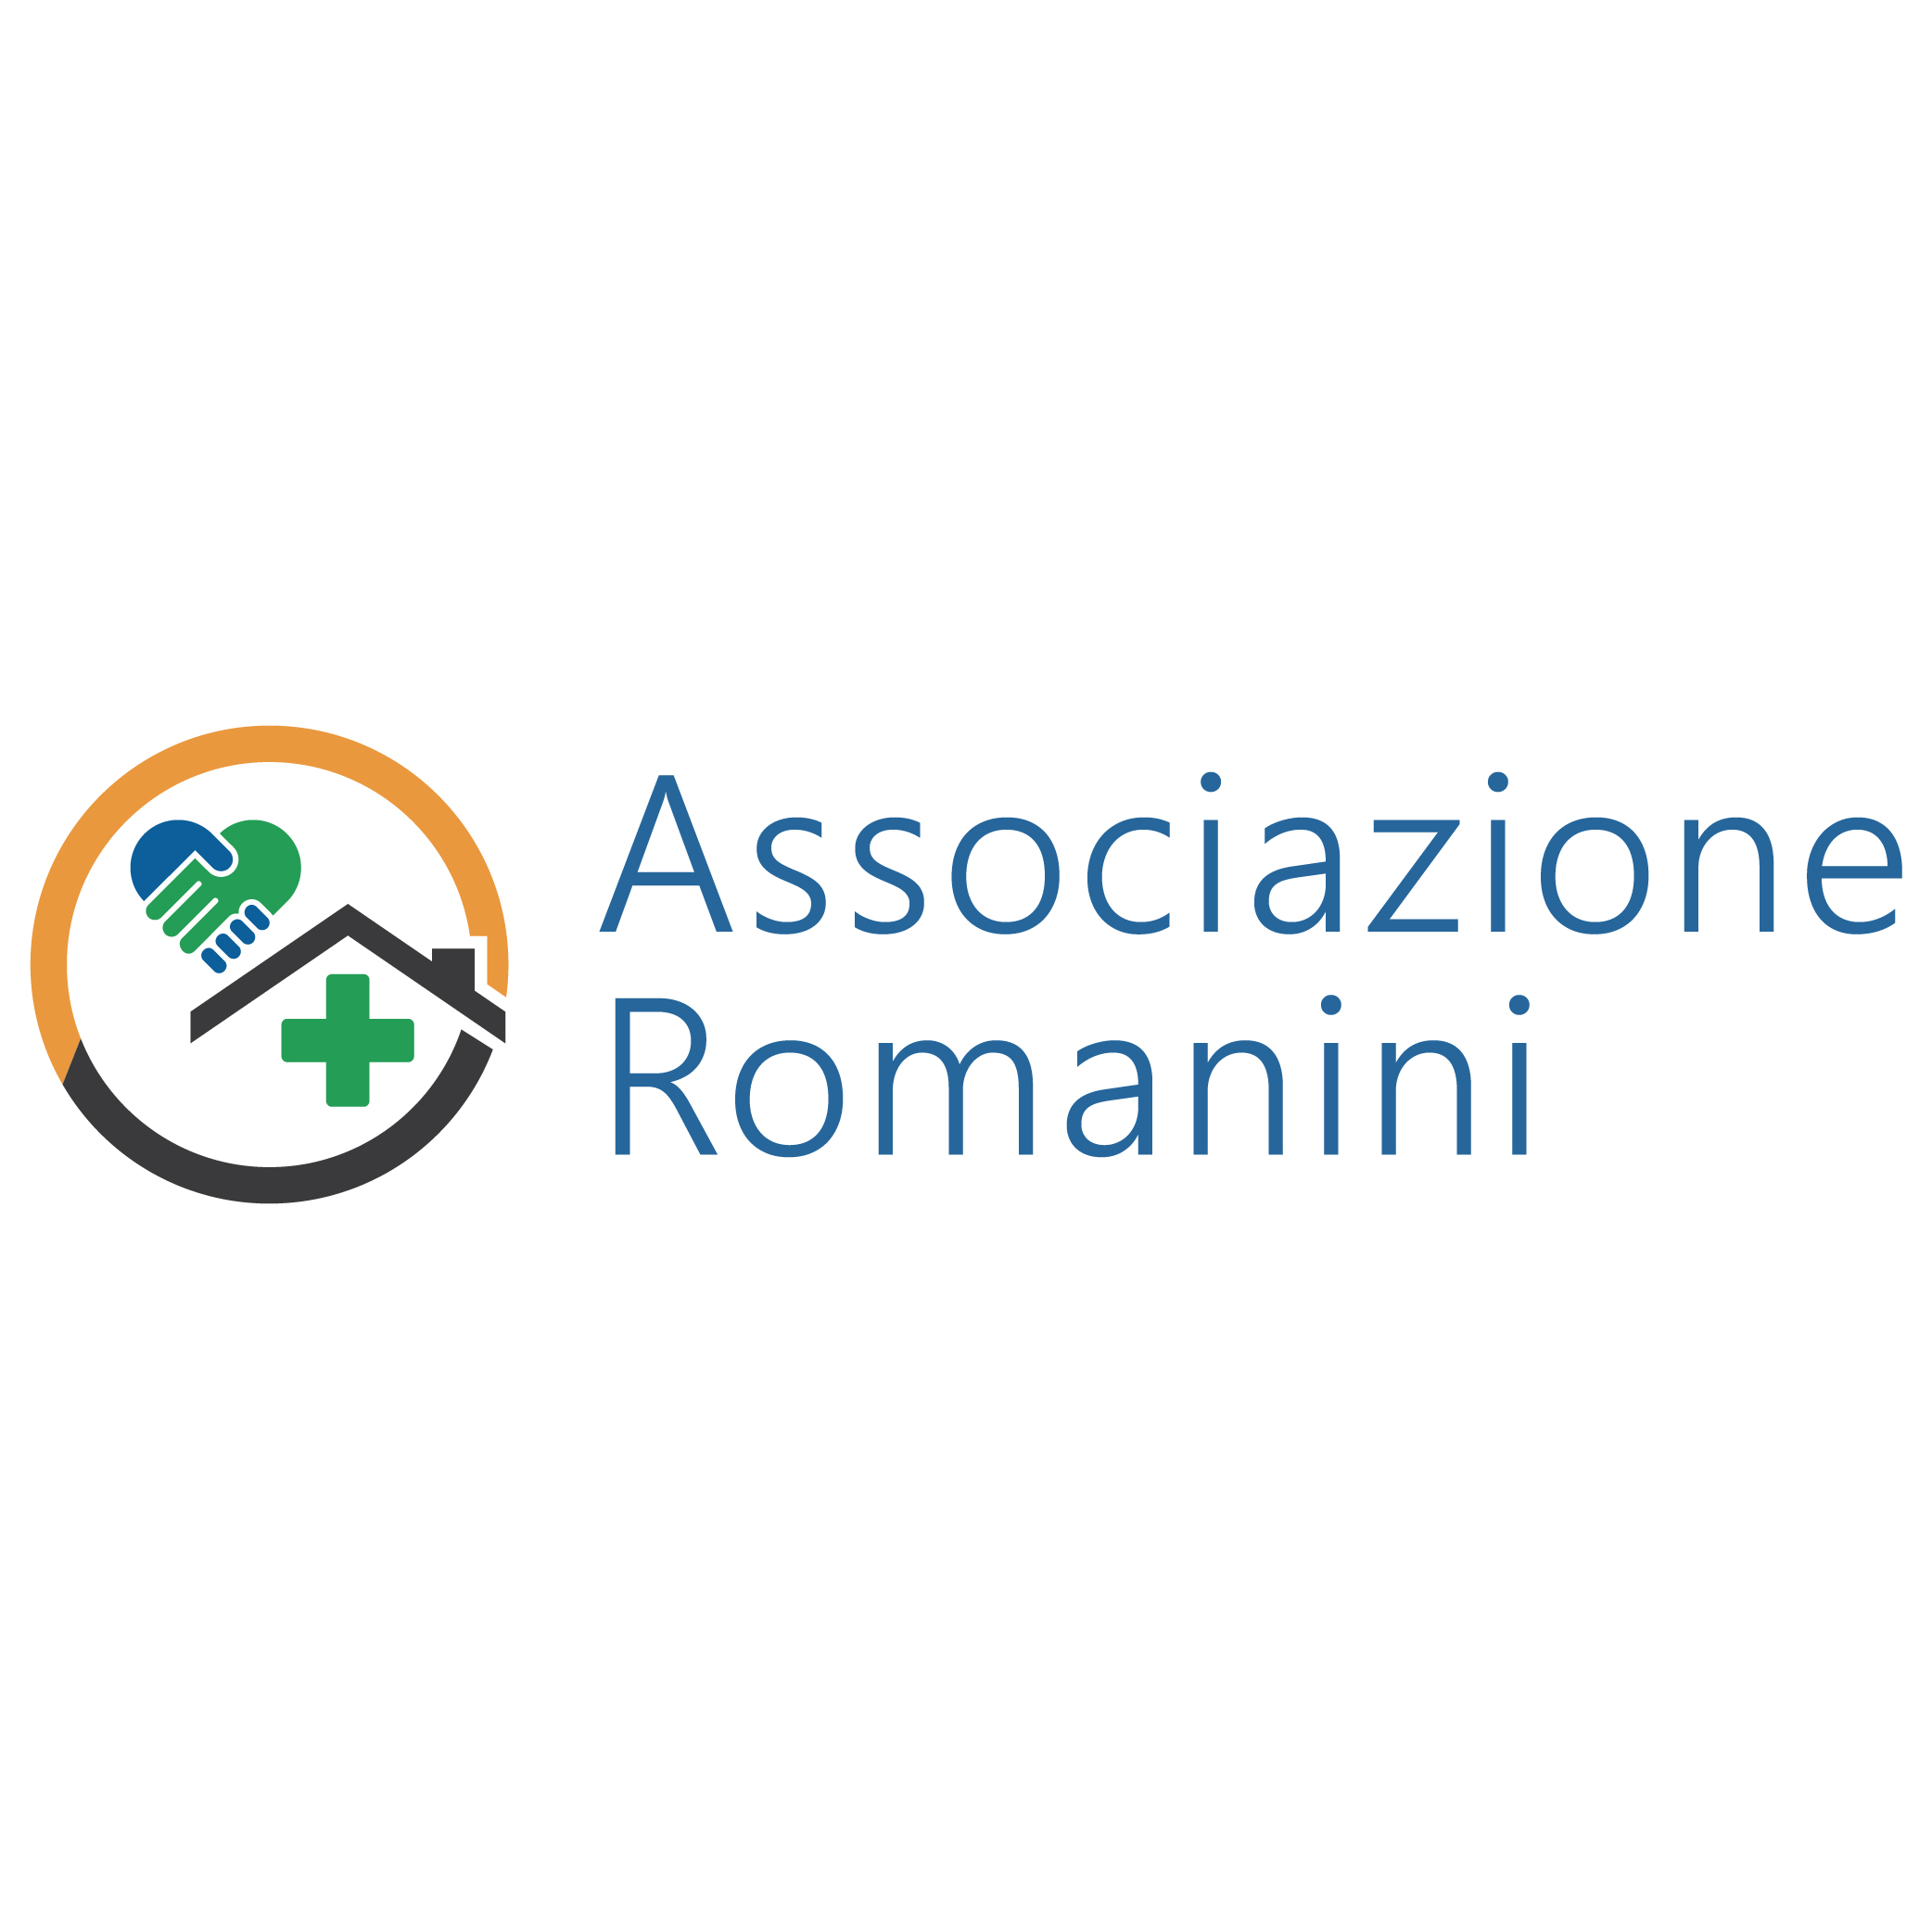 Associazione Attilio Romanini - Onlus